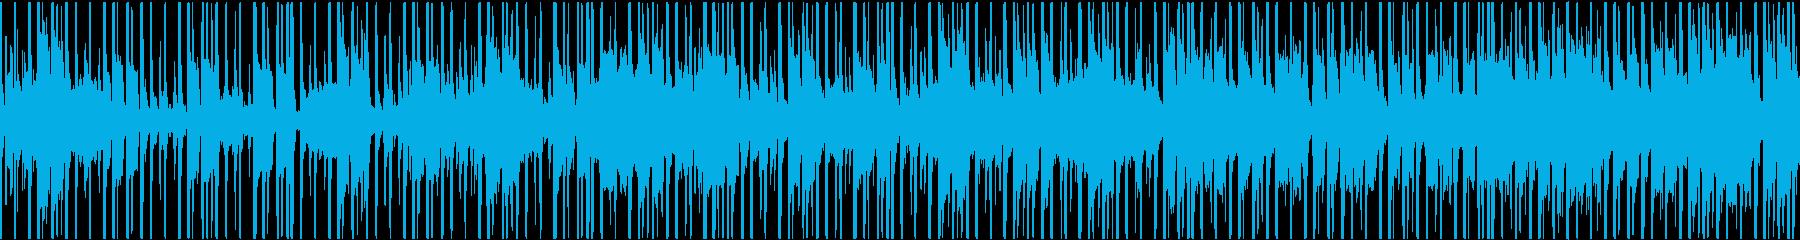 最先端と和テイストの融合したBGMの再生済みの波形